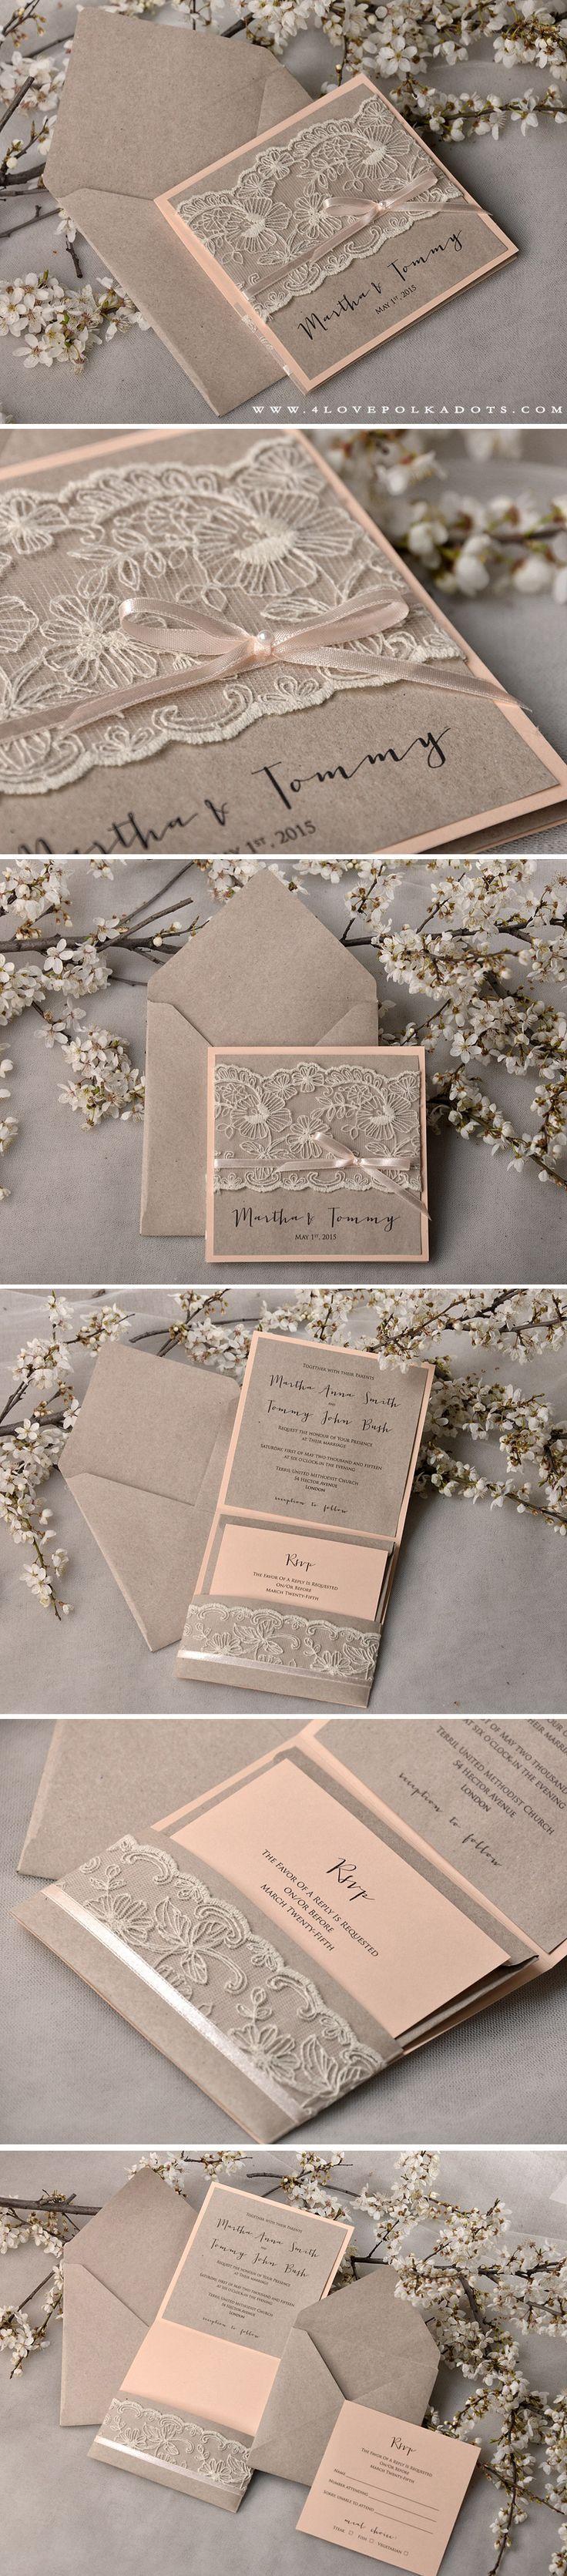 wedding invitation for friends india%0A Peach  u     Eco Lace Wedding Invitations  handmade  summerwedding  weddingideas